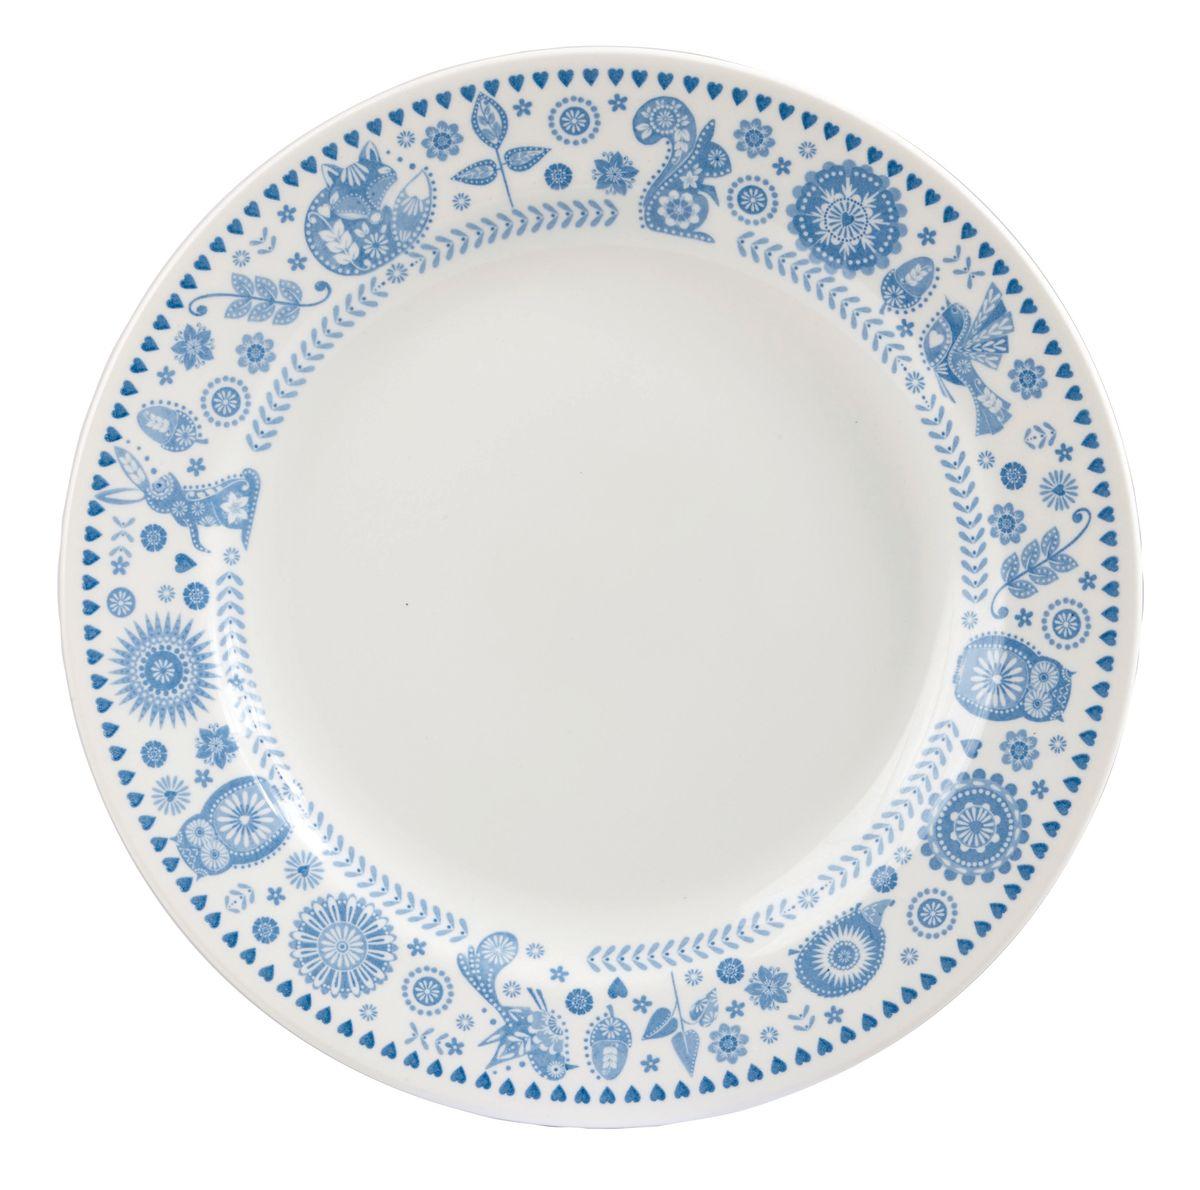 Тарелка обеденная Churchill Пензанс, диаметр 26 смРАД14458194_черный, оранжевыйОбеденная тарелка Churchill изготовлена из высококачественного фаянса. Изделие оформлено красивым рисунком.Можно мыть в посудомоечной машине и использовать в микроволновой печи.Диаметр тарелки (по верхнему краю): 26 см.